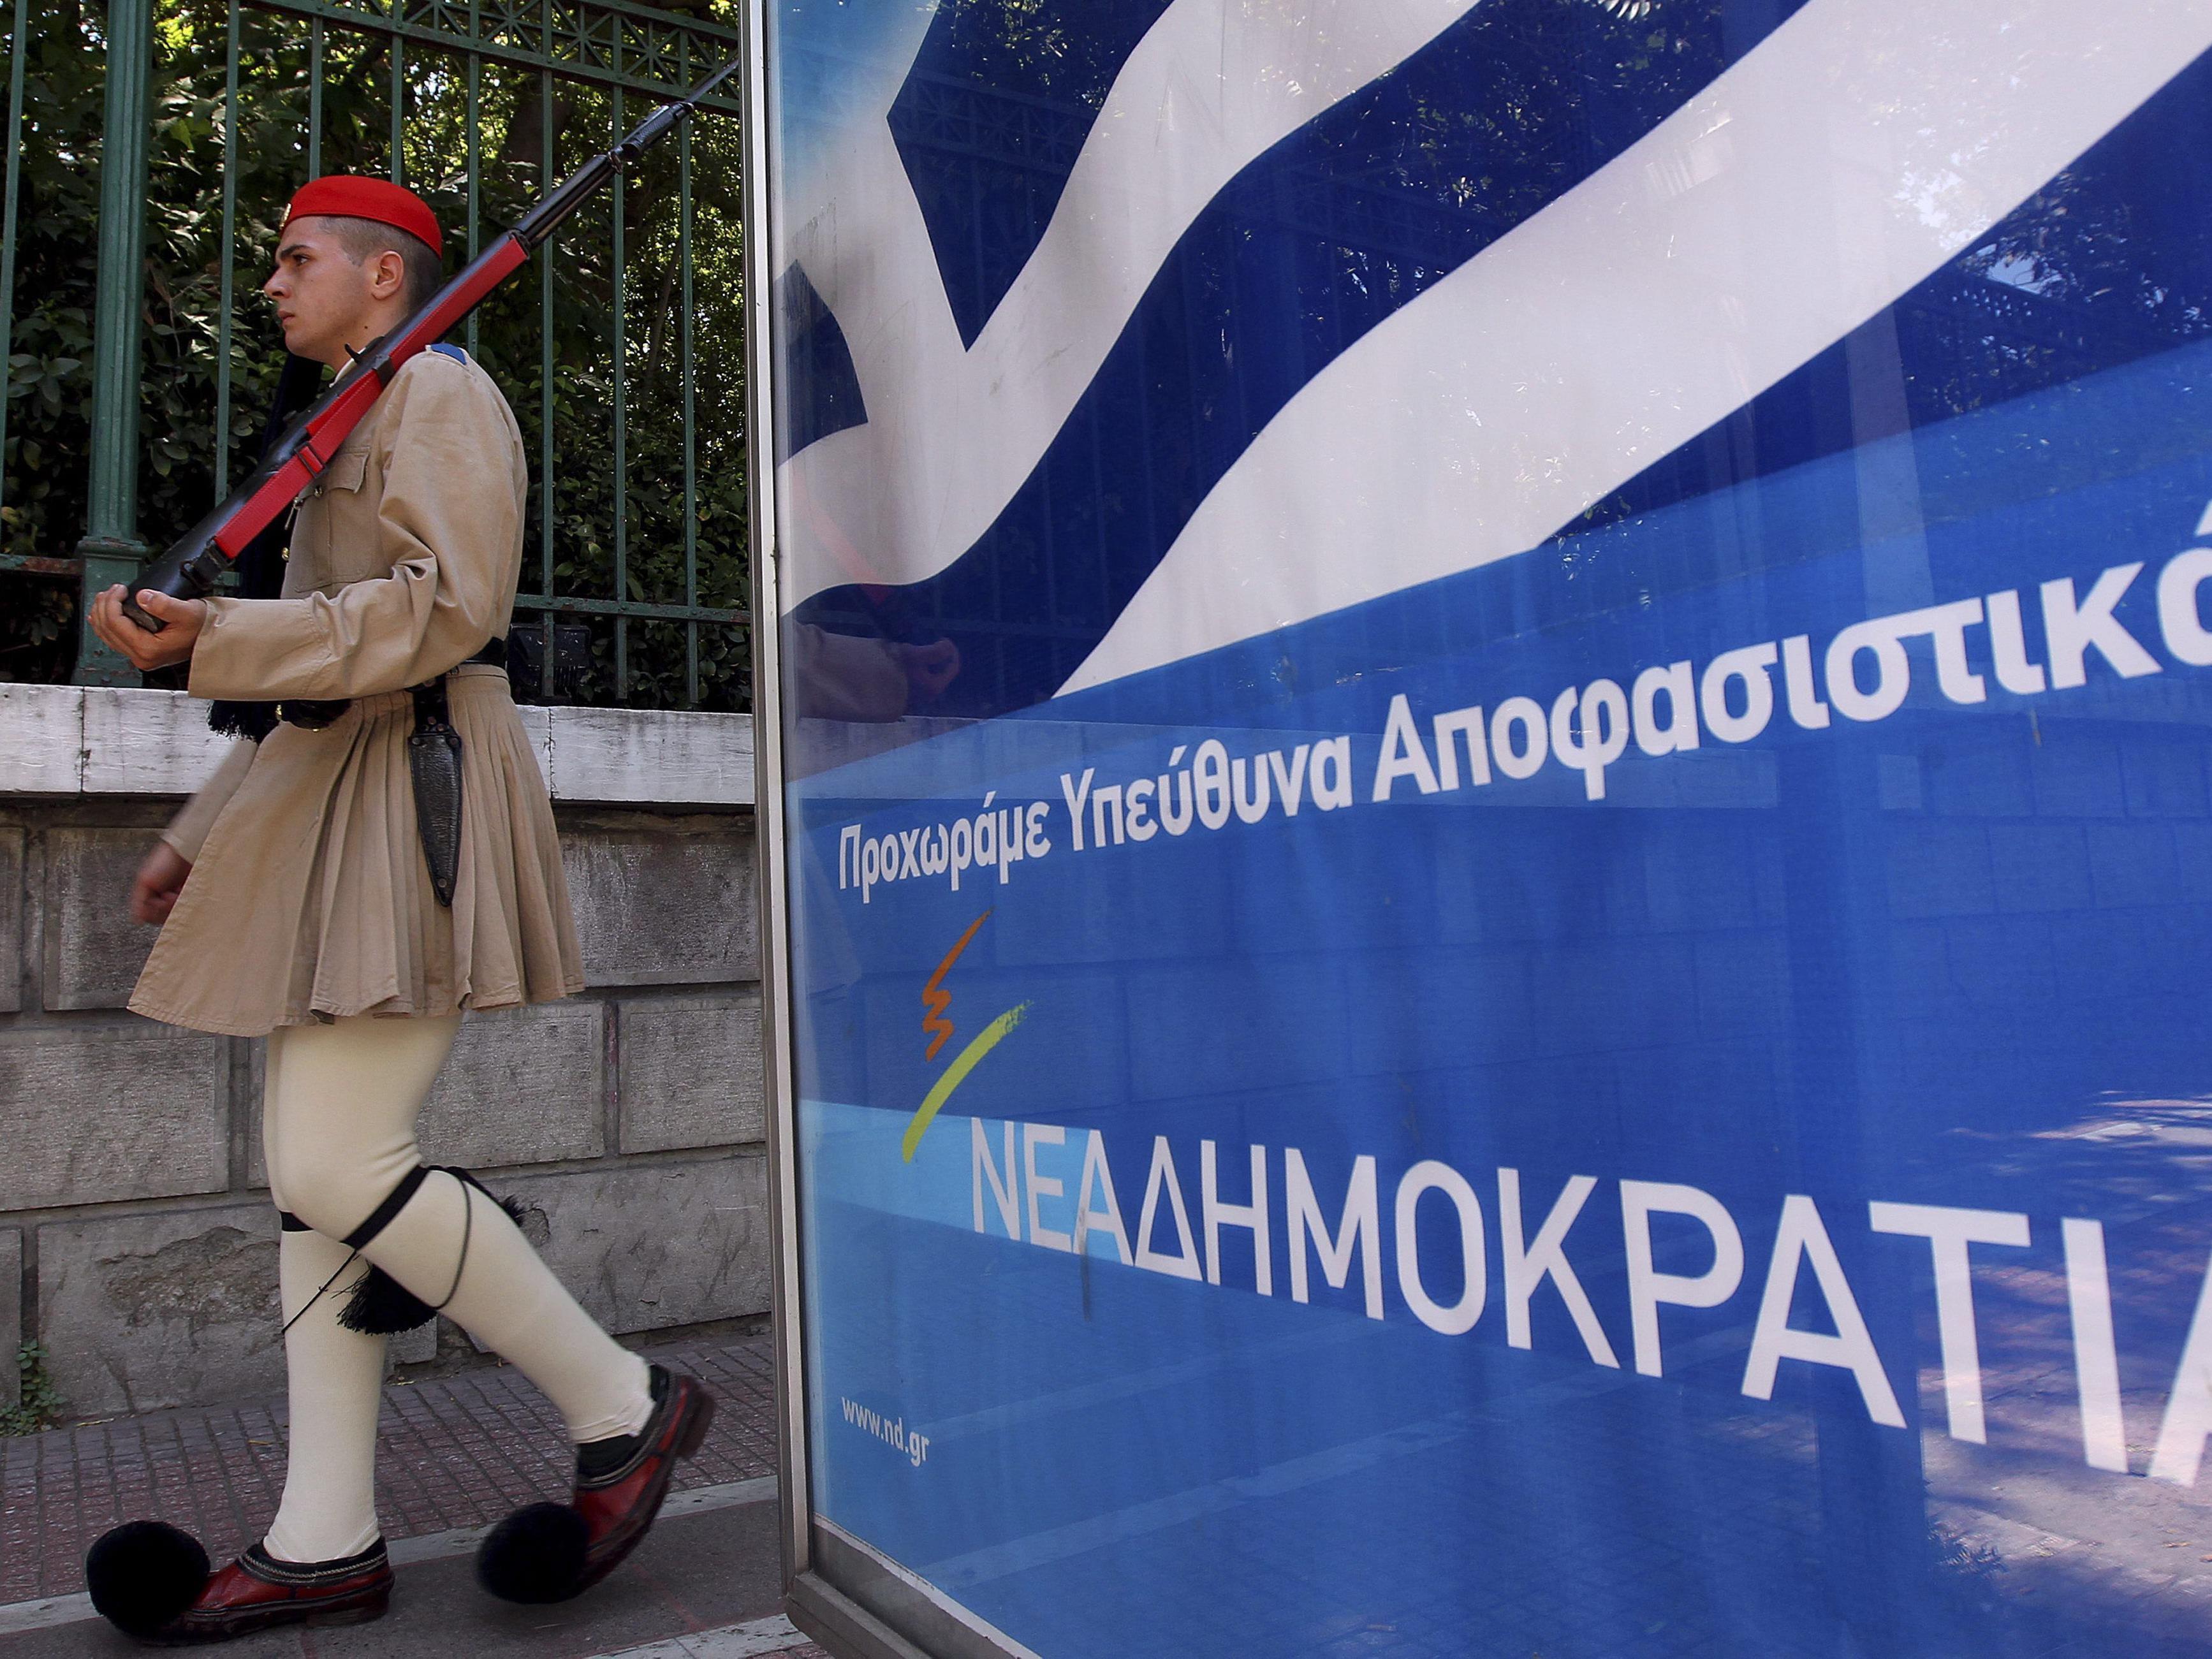 Alles entscheidender Wahlkampf in Griechenland.